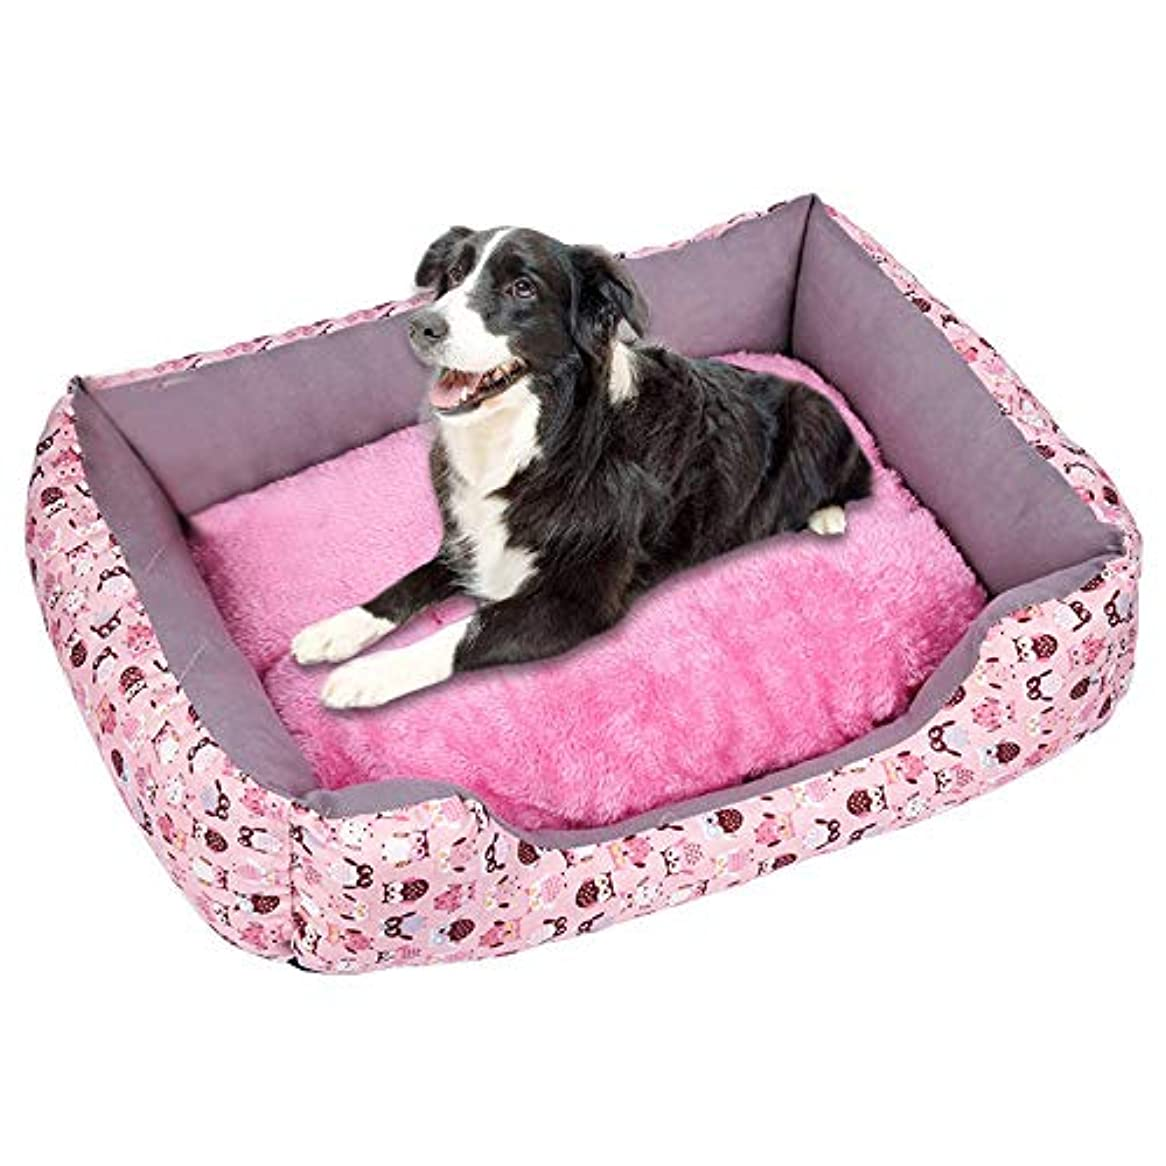 弱い連続的テンポプラスベルベット肥厚ペットの巣 柔らかいペット犬猫ベッド子犬クッションハウスペットソフト暖かい犬小屋犬マットブランケット 犬小屋 ペットハウス ペットネスト 犬舎 柔らかくて温かく 快適で通気性があります (B, S)